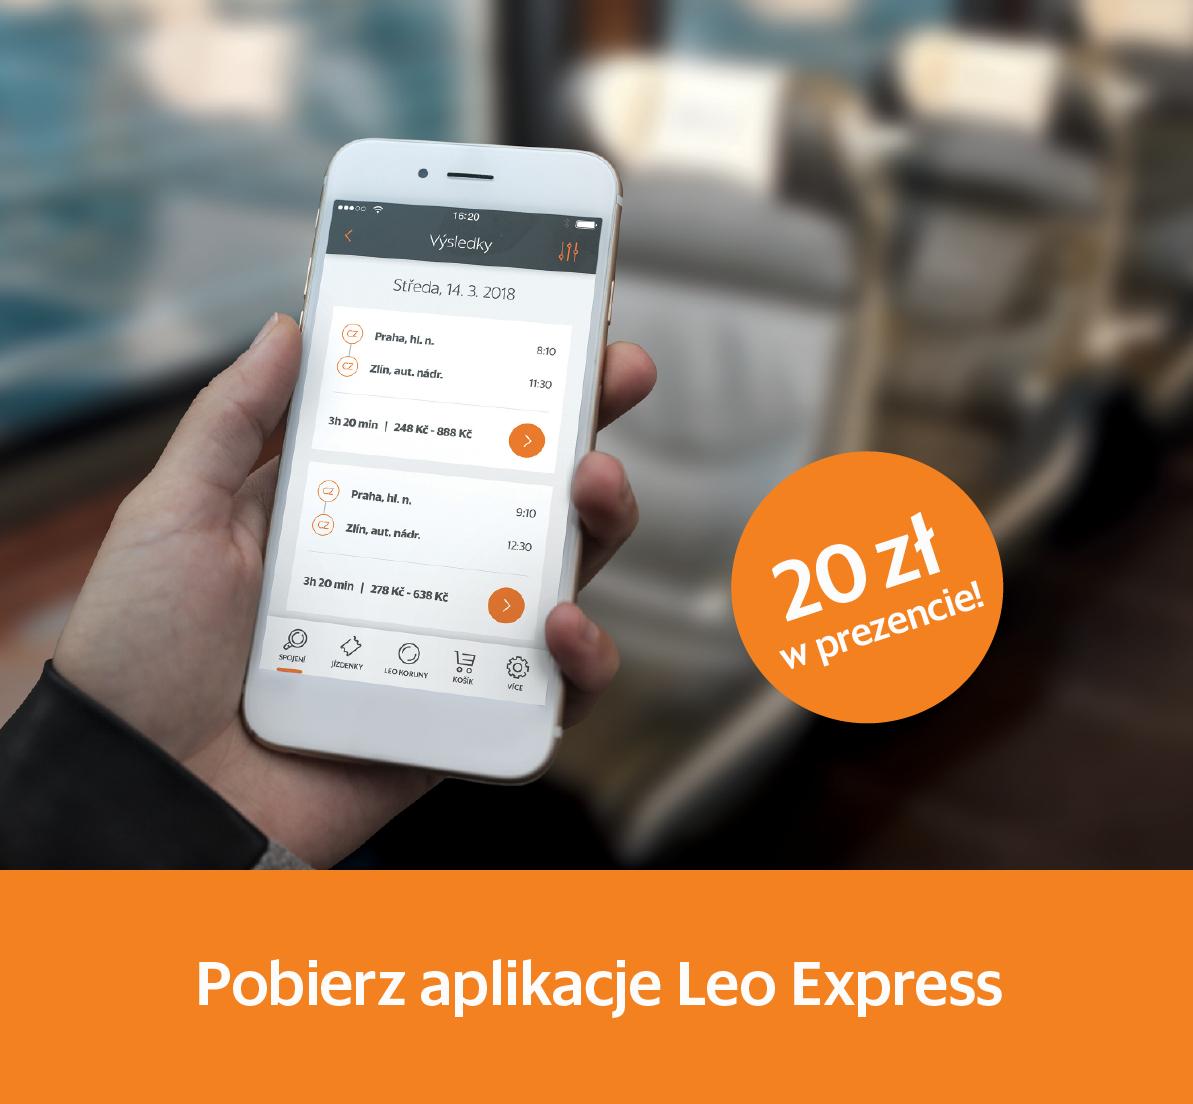 LEO Express: VOUCHER 20 ZŁ w prezencie za pierwsze logowanie do aplikacji (możliwe darmowe przejazdy!)